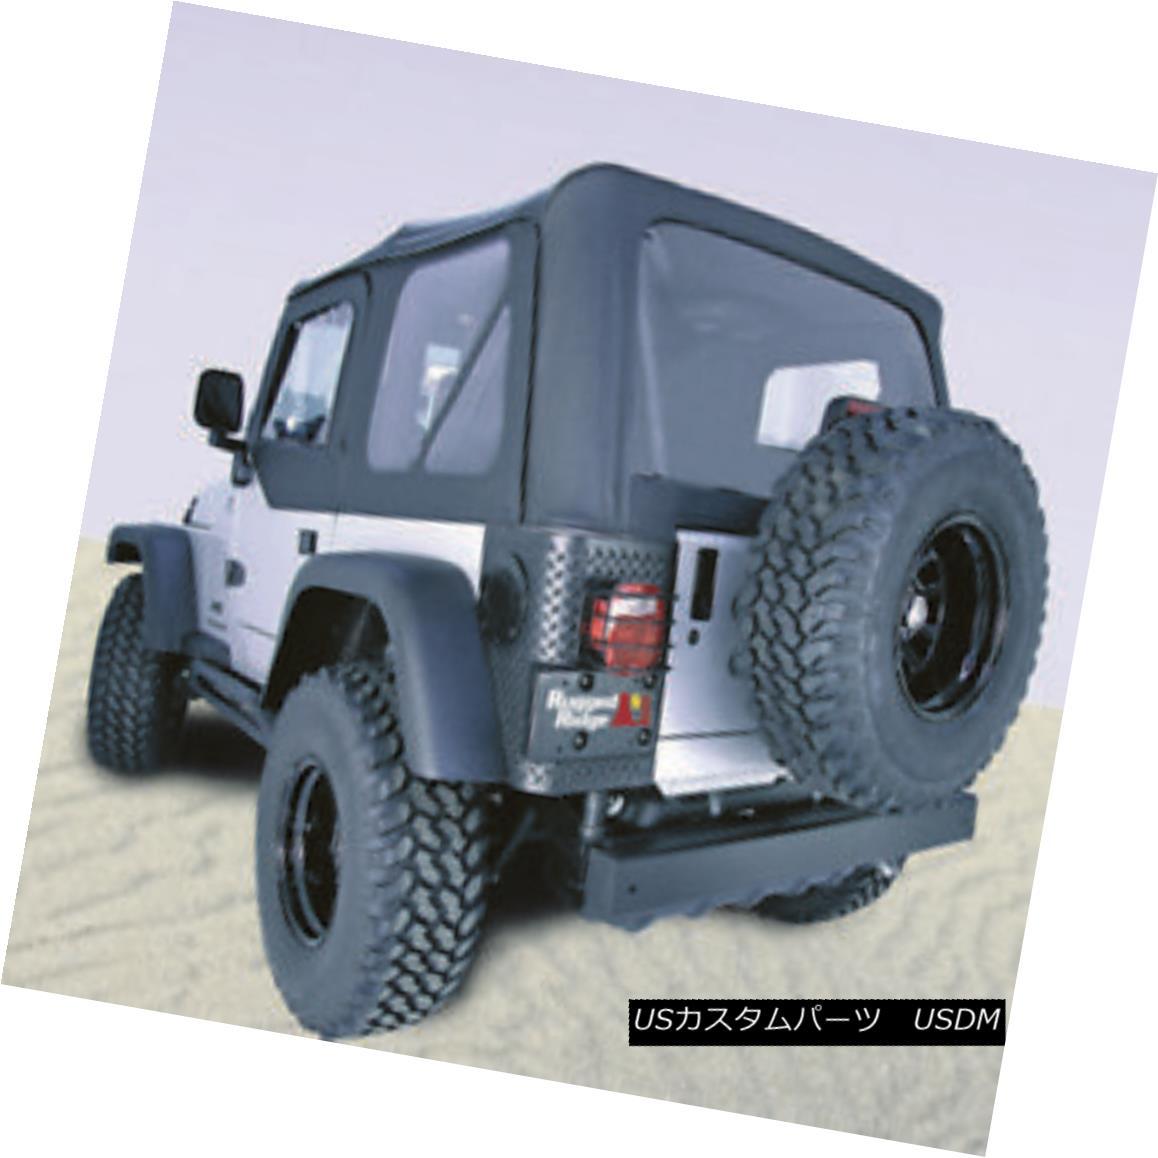 幌・ソフトトップ Rugged Ridge 13724.35 XHD Soft Top Black Diamond Tinted Windows Jeep Wrangler Rugged Ridge 13724.35 XHDソフトトップブラックダイヤモンドティンテッドWindowsジープラングラー